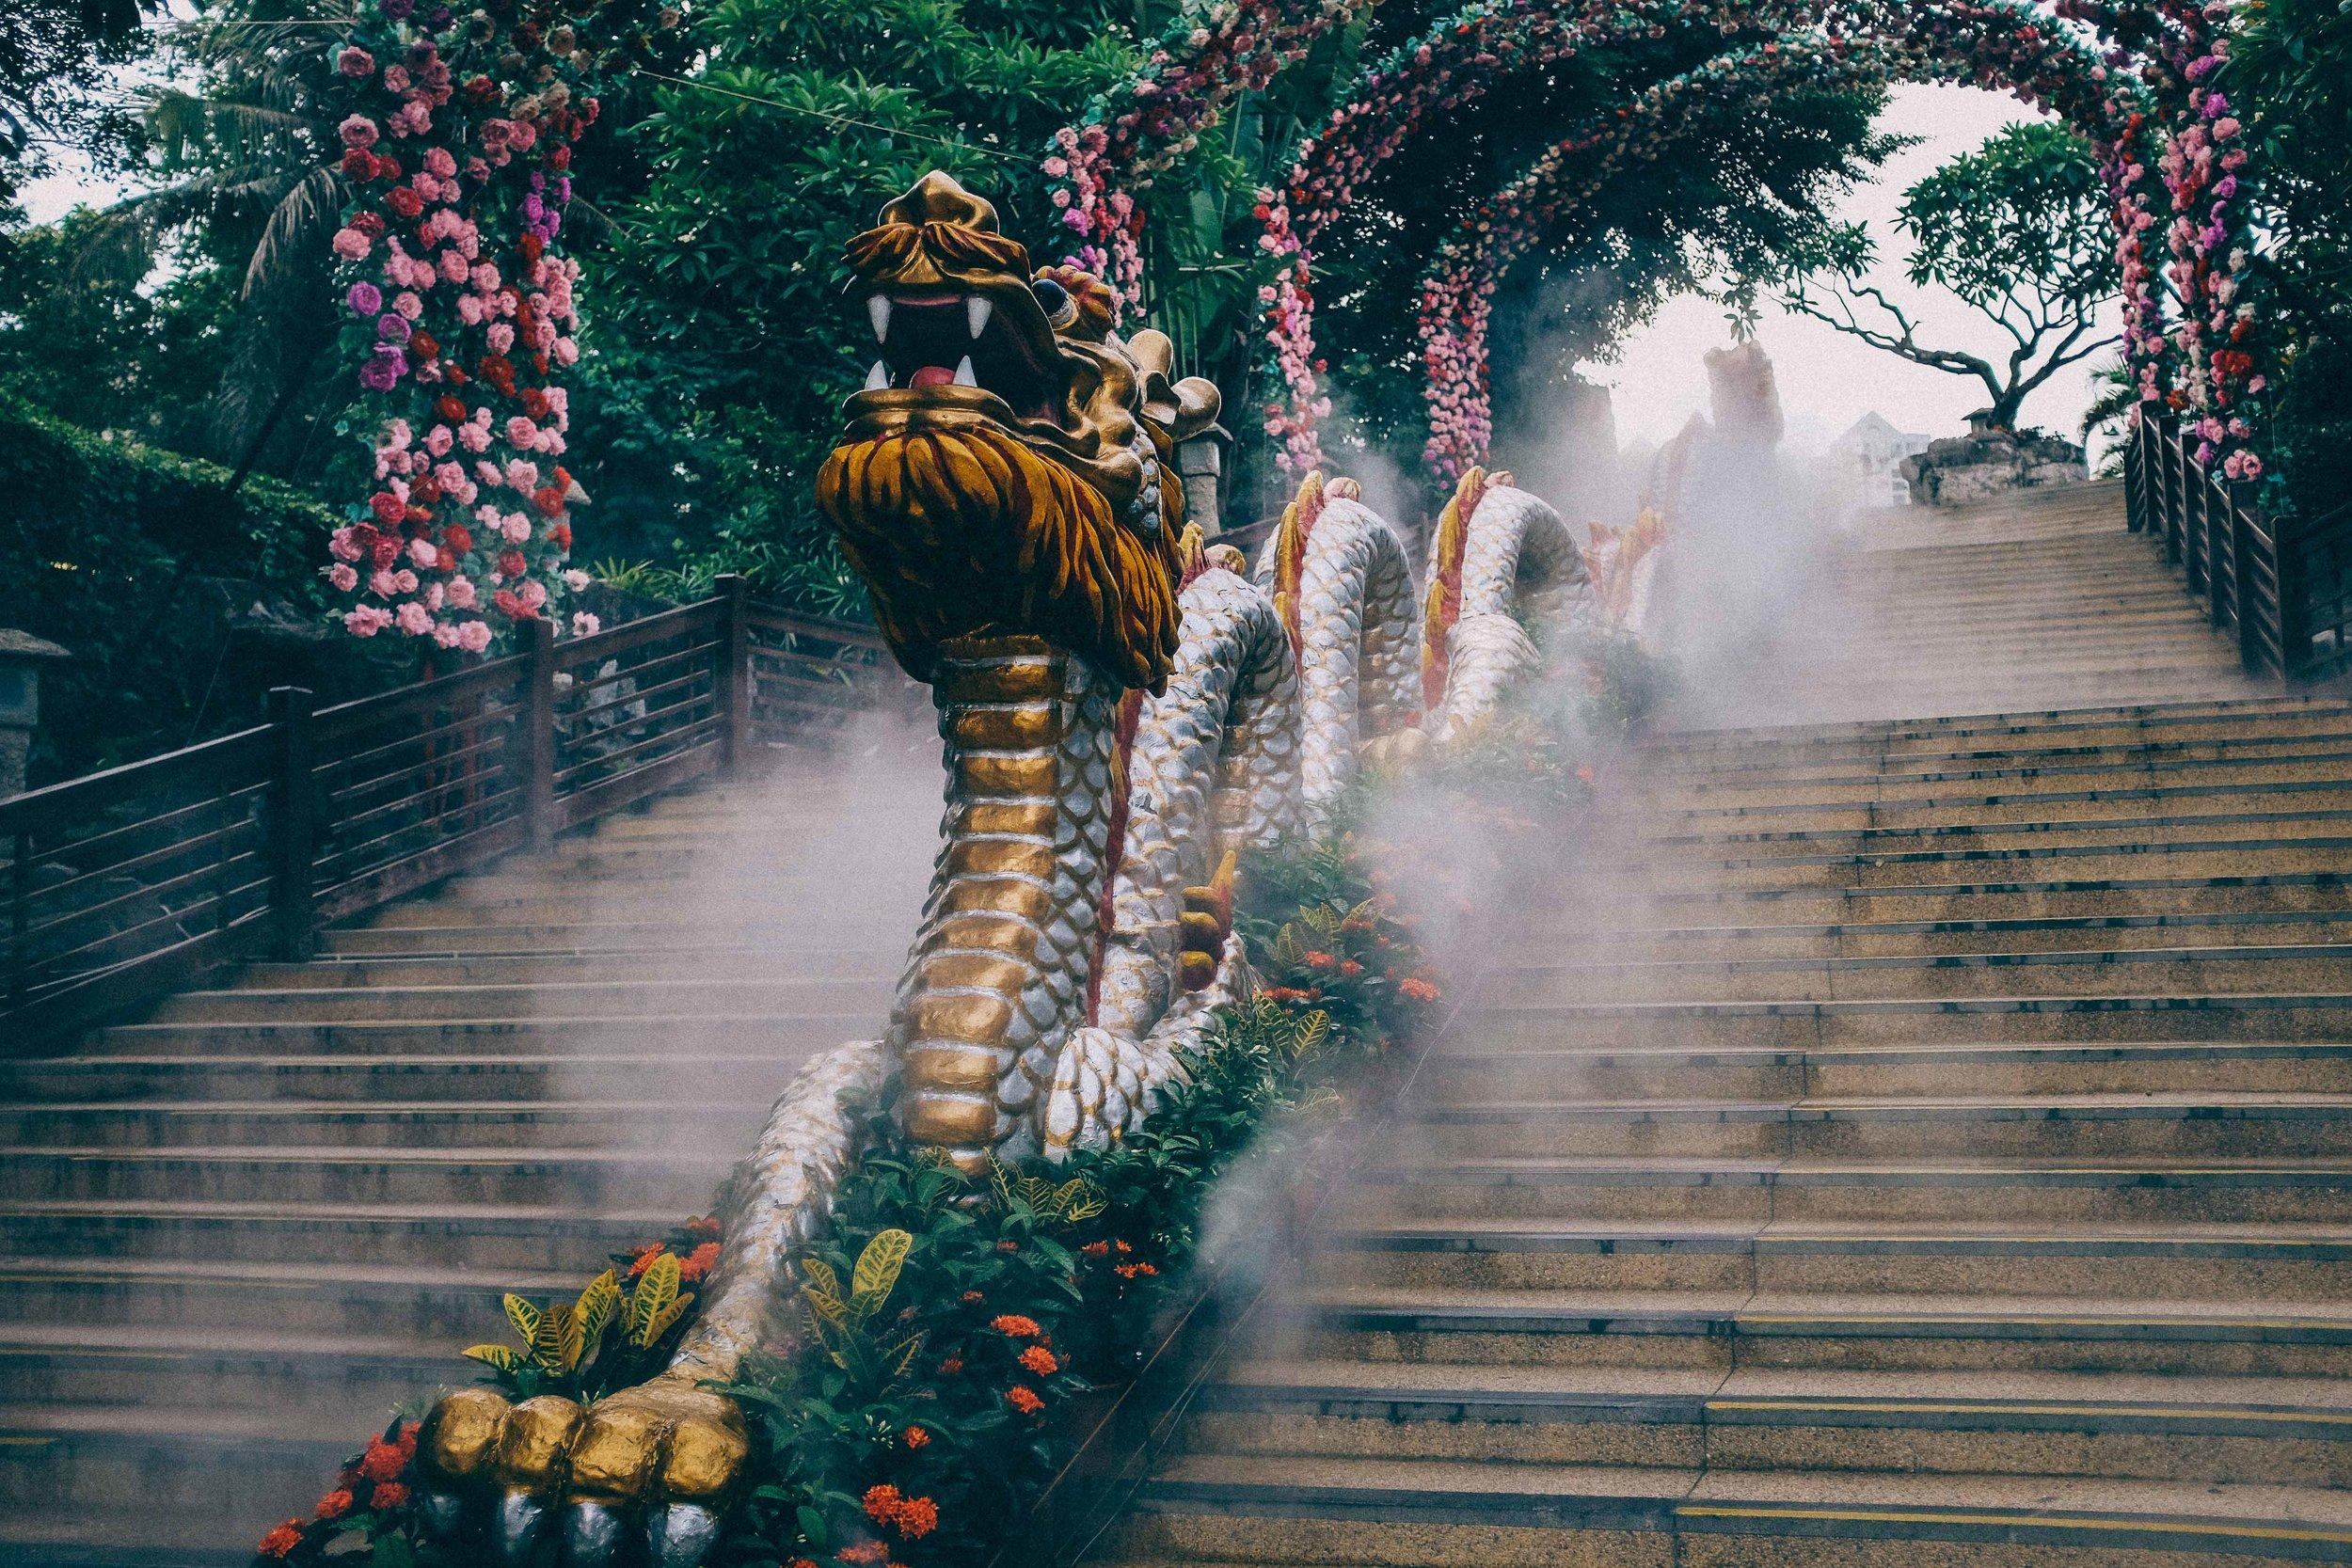 China_x100t_fujifilm_103.jpg